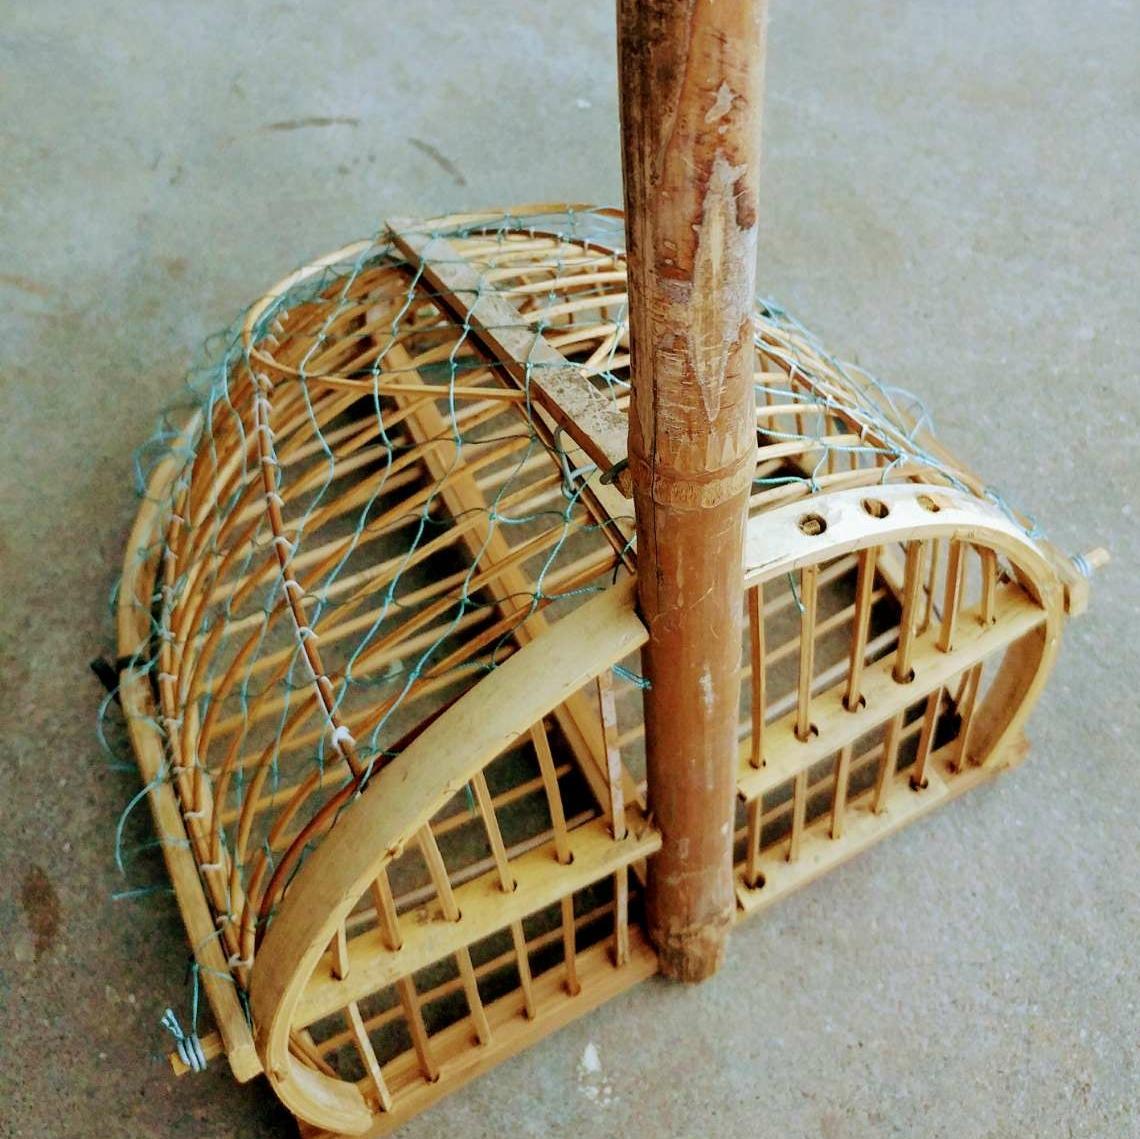 Lồng bẫy chim chất liệu tre đan